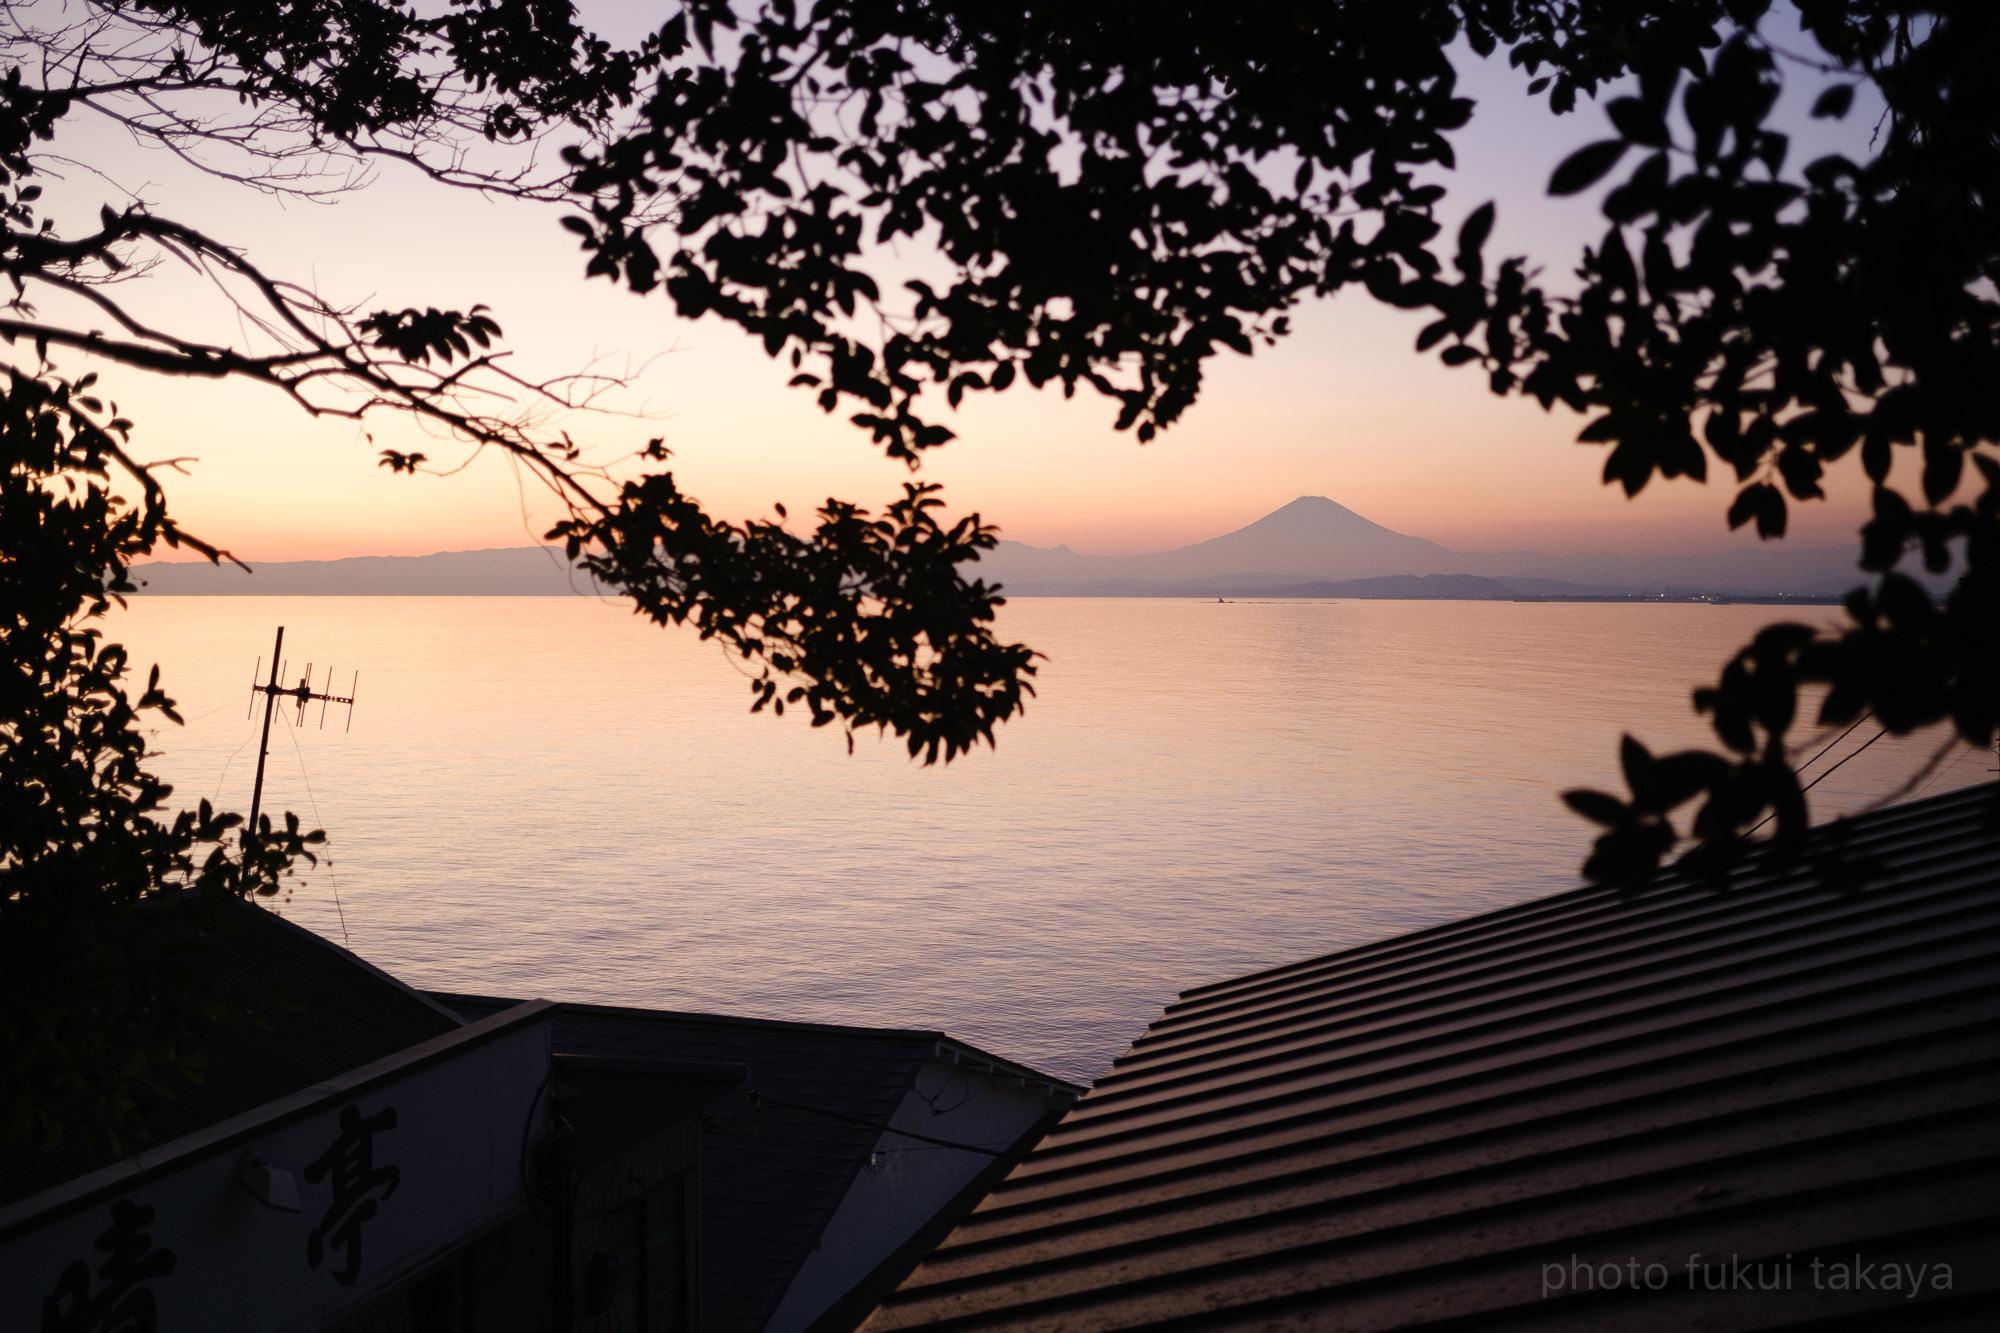 江ノ島より、富士山をのぞむ_e0044885_11314154.jpeg